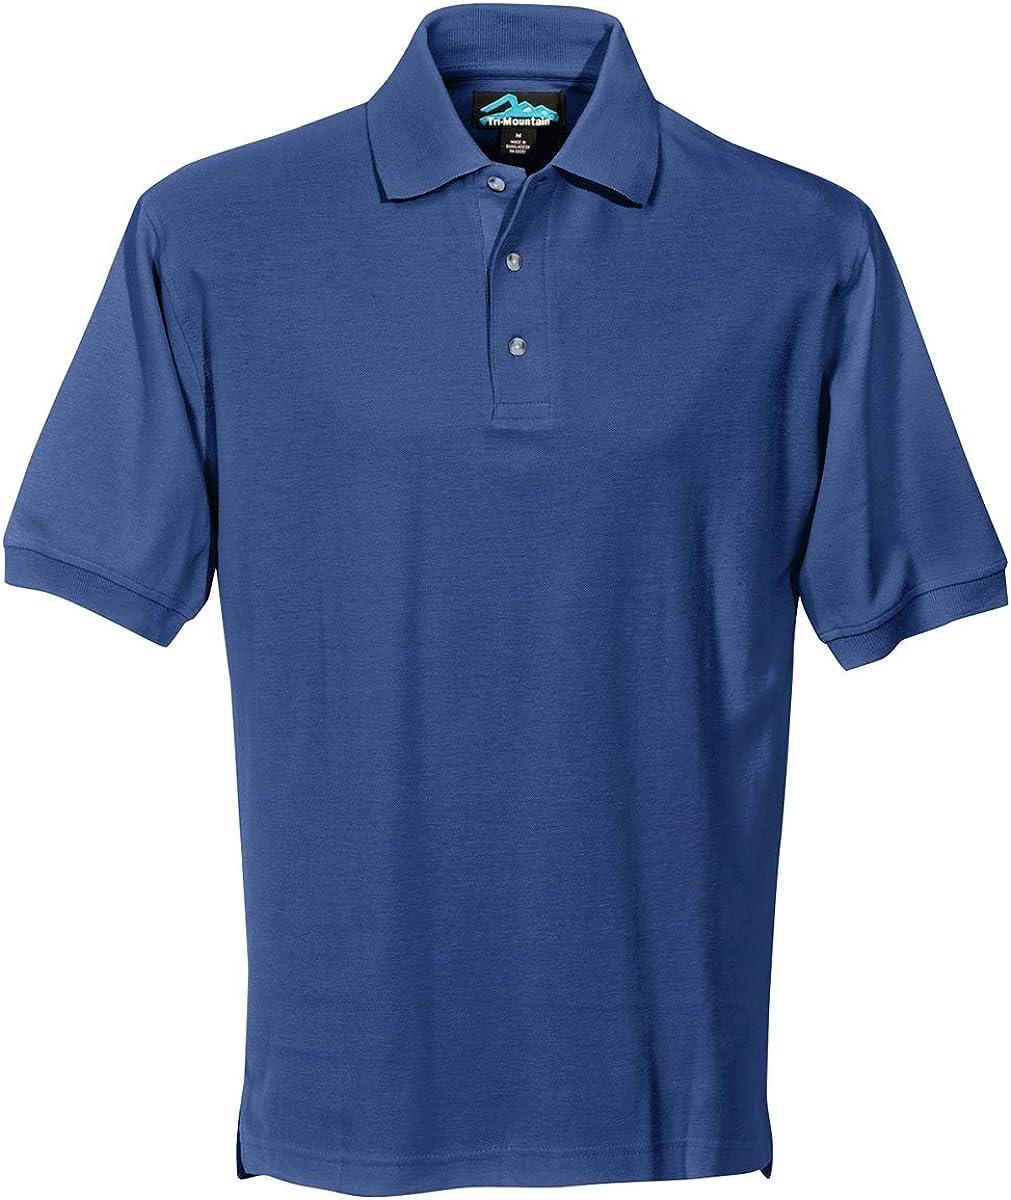 Tri-Mountain Men's 100% Cotton Signature Pique Polo Shirt (17 Colors, XS-6XLT)